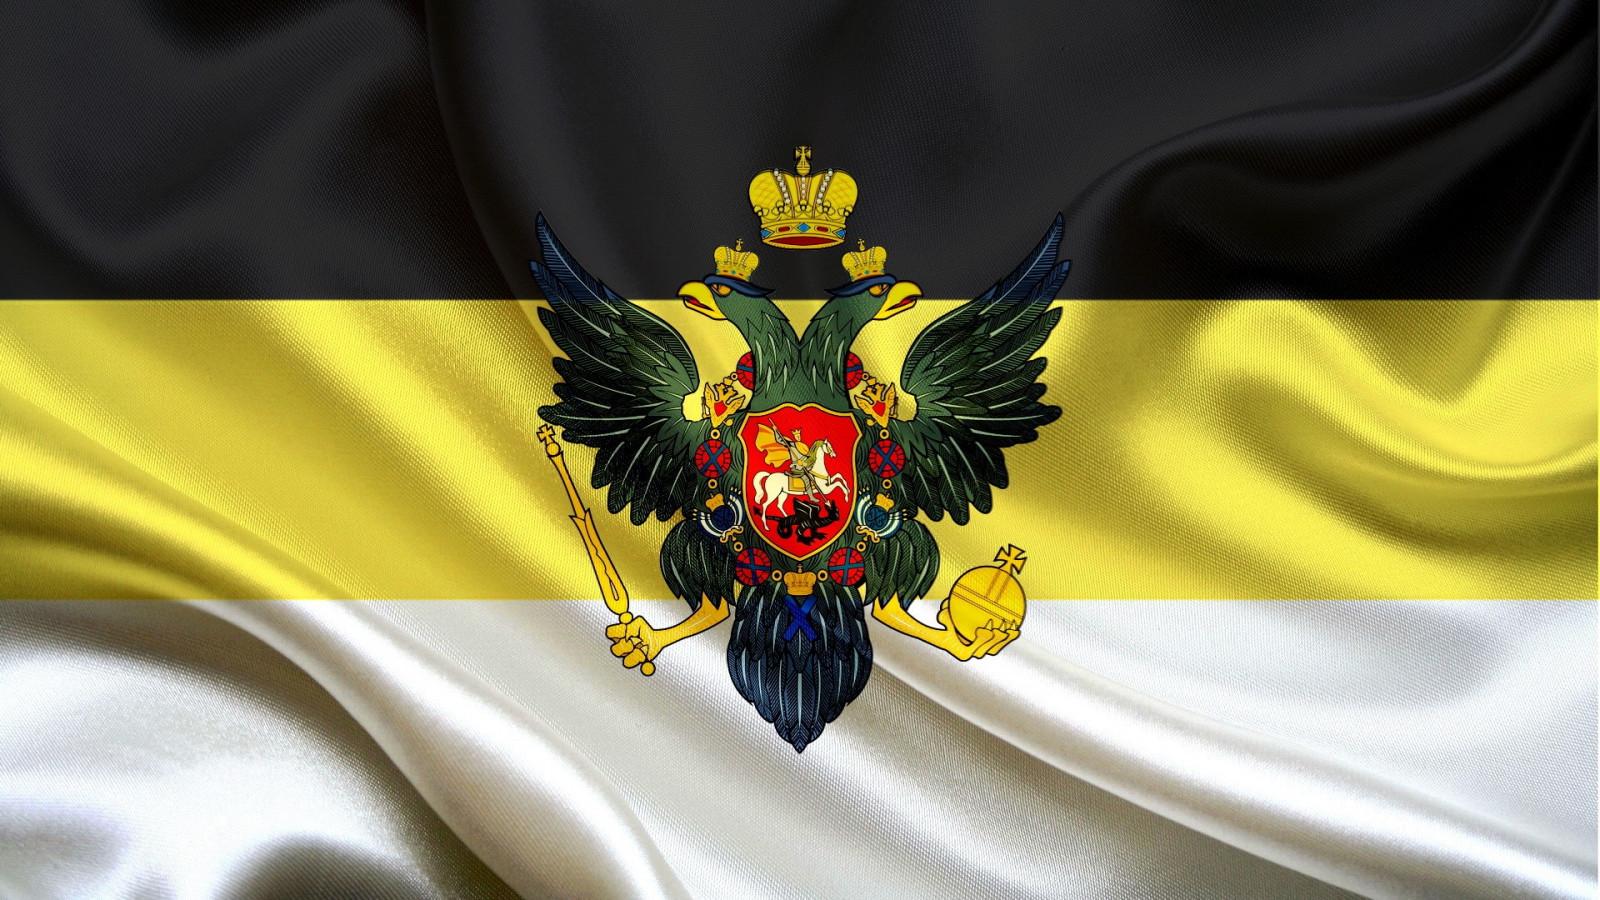 обои российская империя для рабочего стола № 823230 загрузить